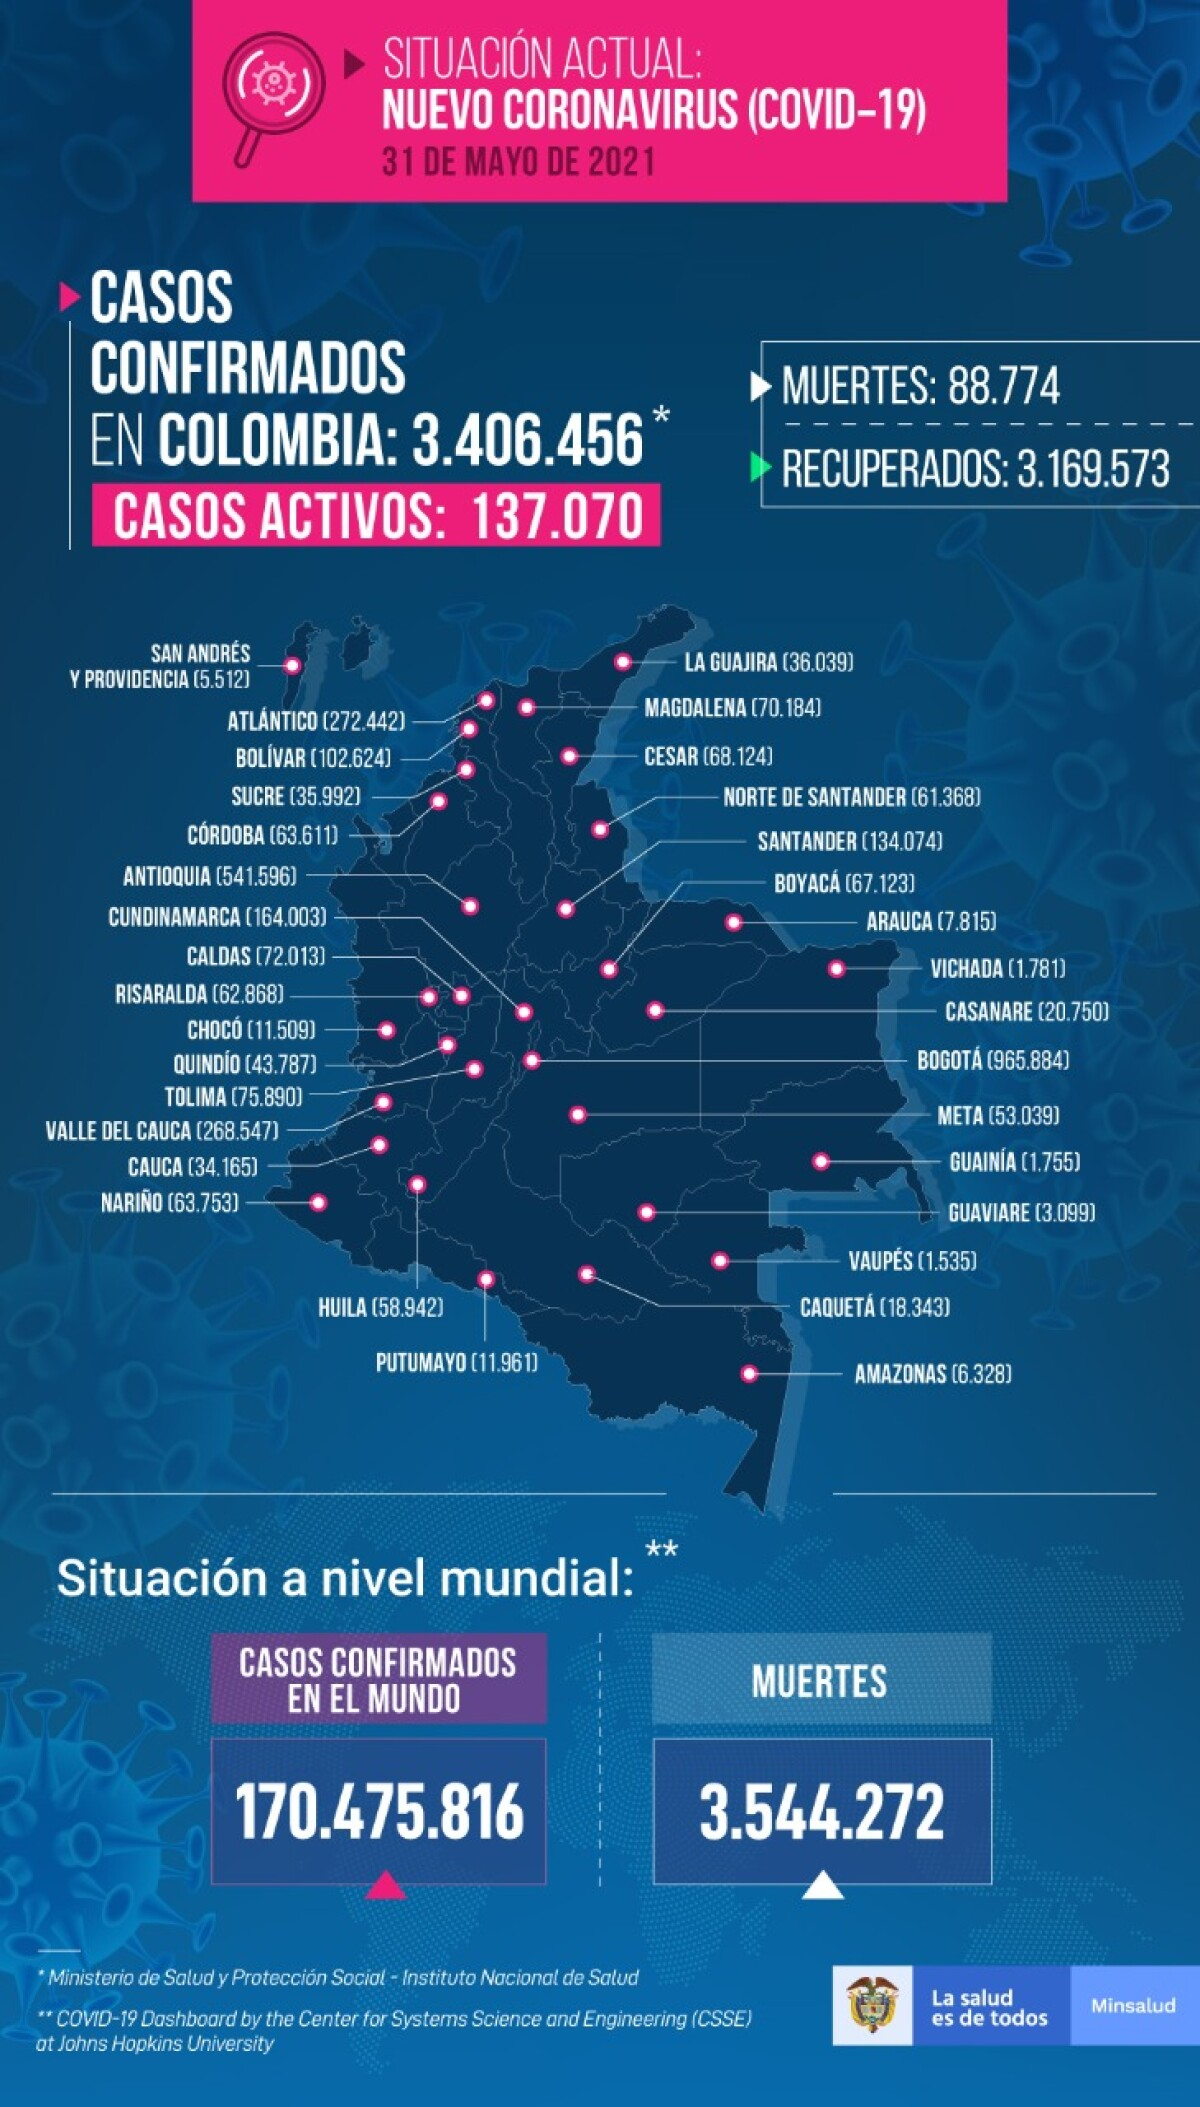 Muertes por COVID-19 en Colombia 31 de mayo de 2021 - mapa.jpeg